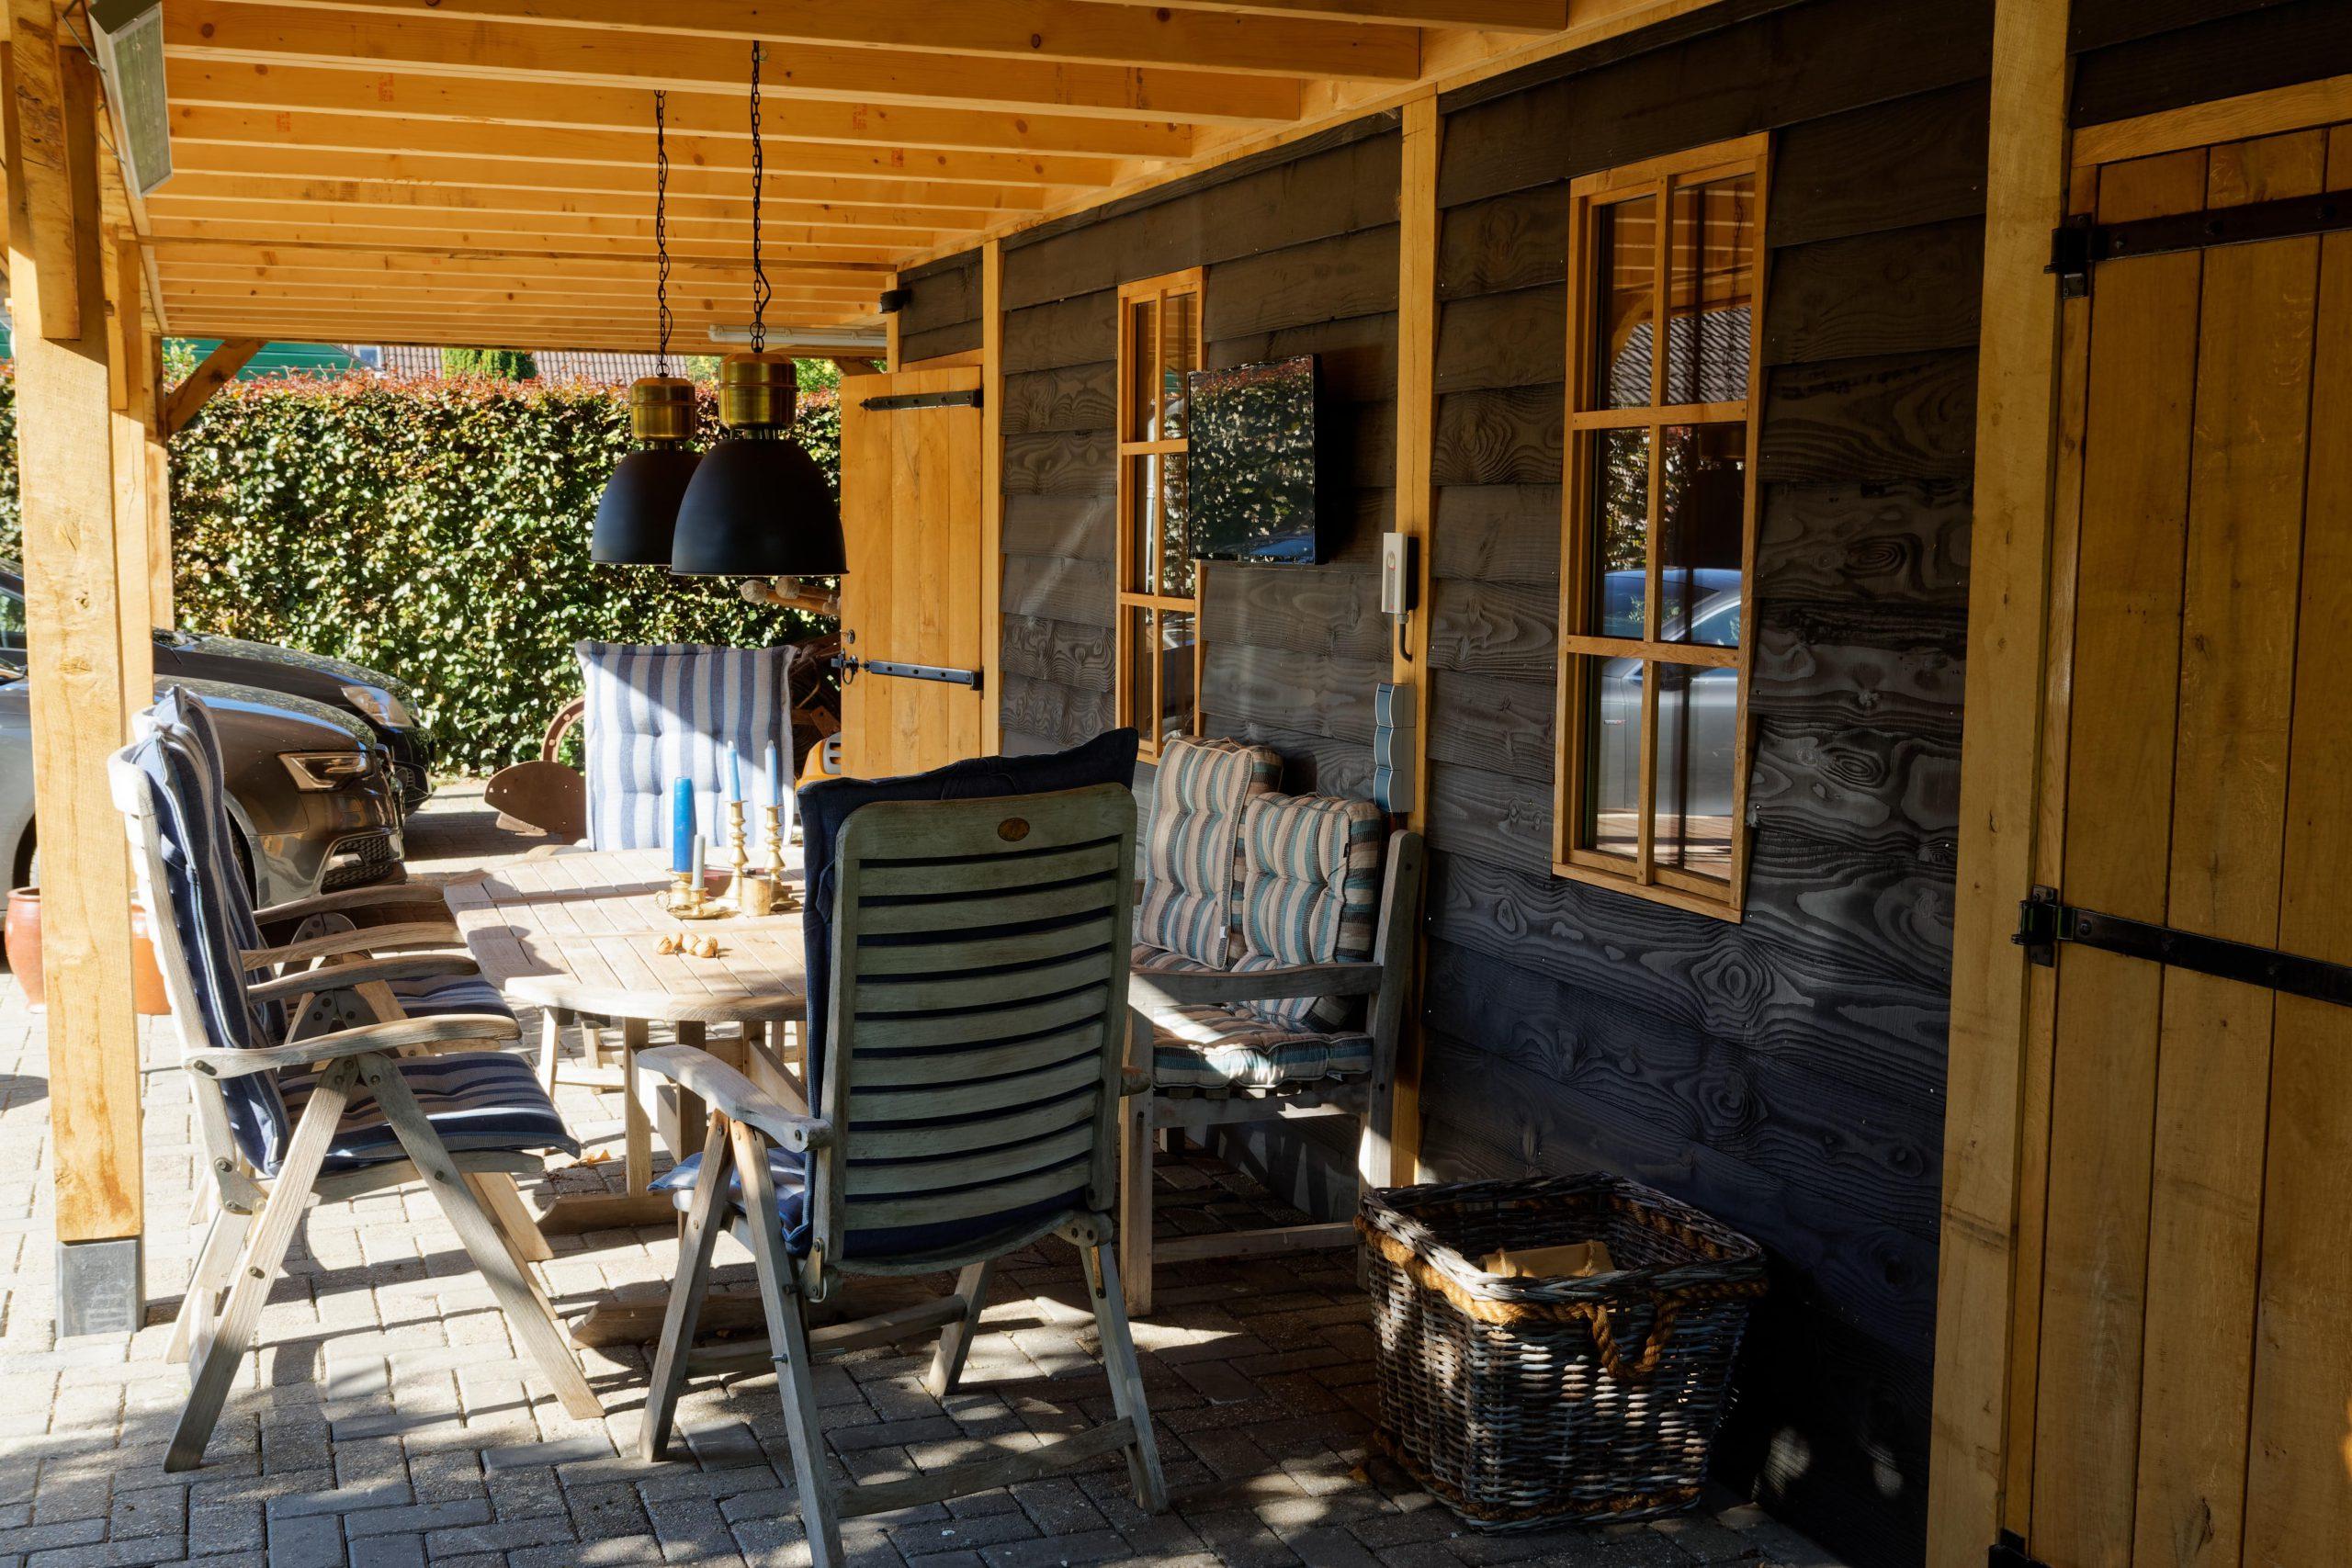 Landelijk-houten-schuur-3-scaled - Landelijke Schuur met carport